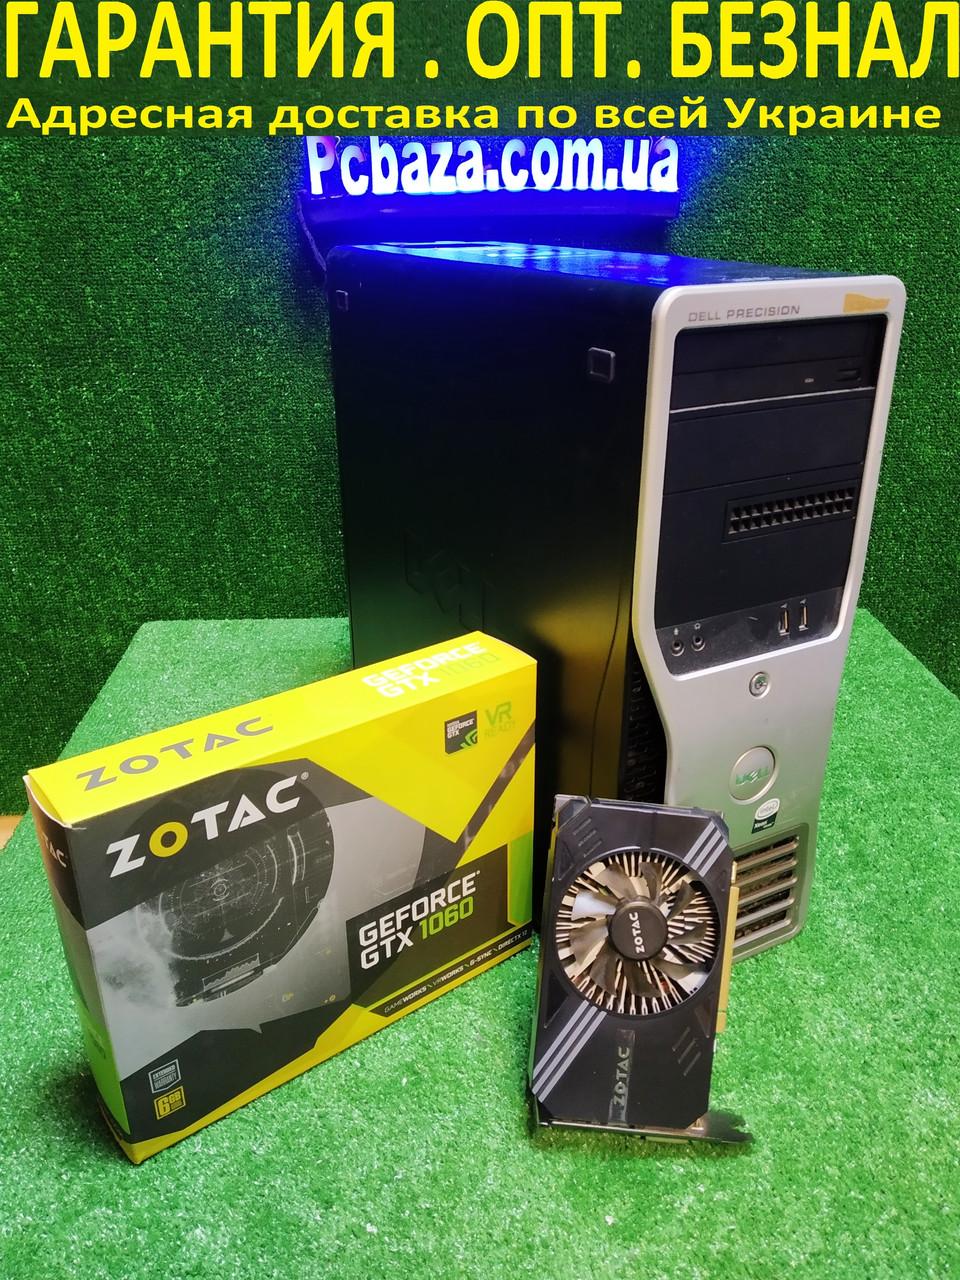 Игровой Настроенный Dell Precision t3500, 4(8) ядра, Core i7 (Xeon) 12gb ОЗУ, 250SSD+1000GB HDD, GTX 1060 6 GB